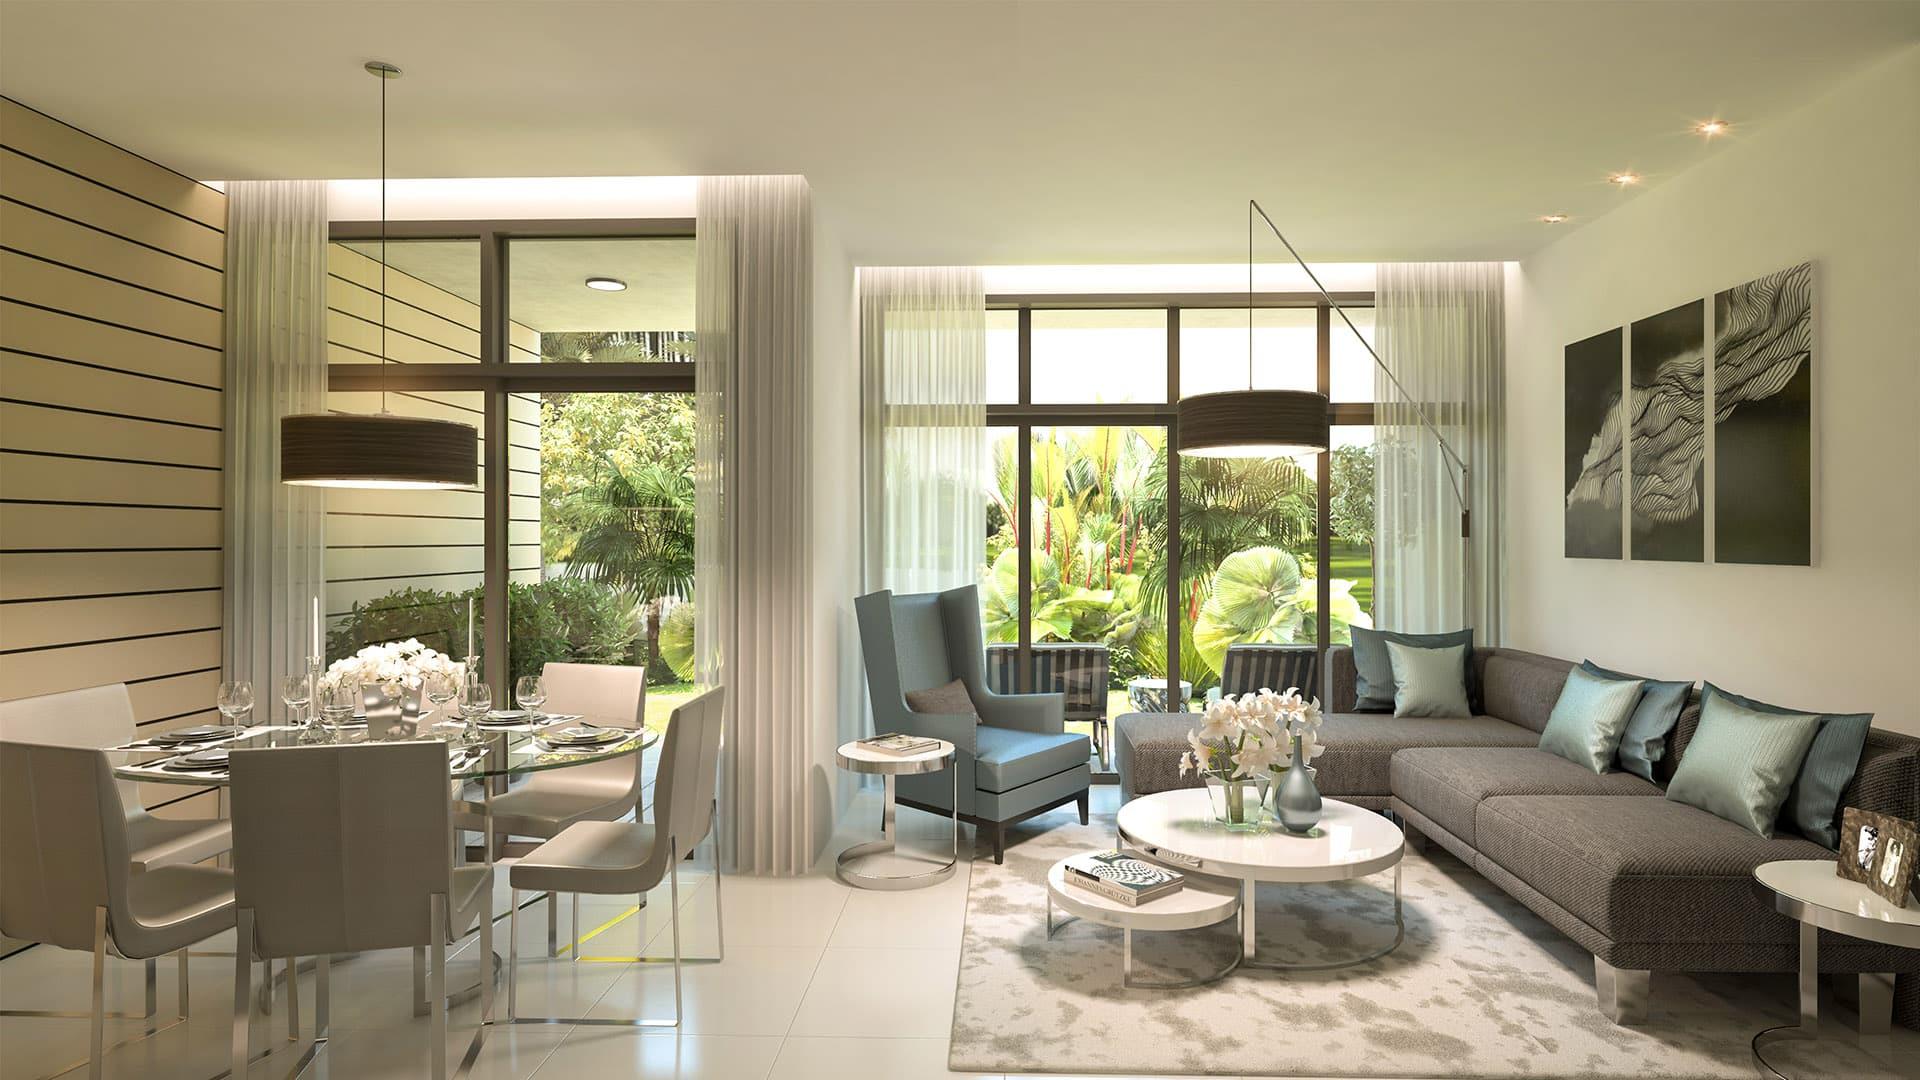 Adosado en venta en Dubai, EAU, 3 dormitorios, 309 m2, № 24287 – foto 1